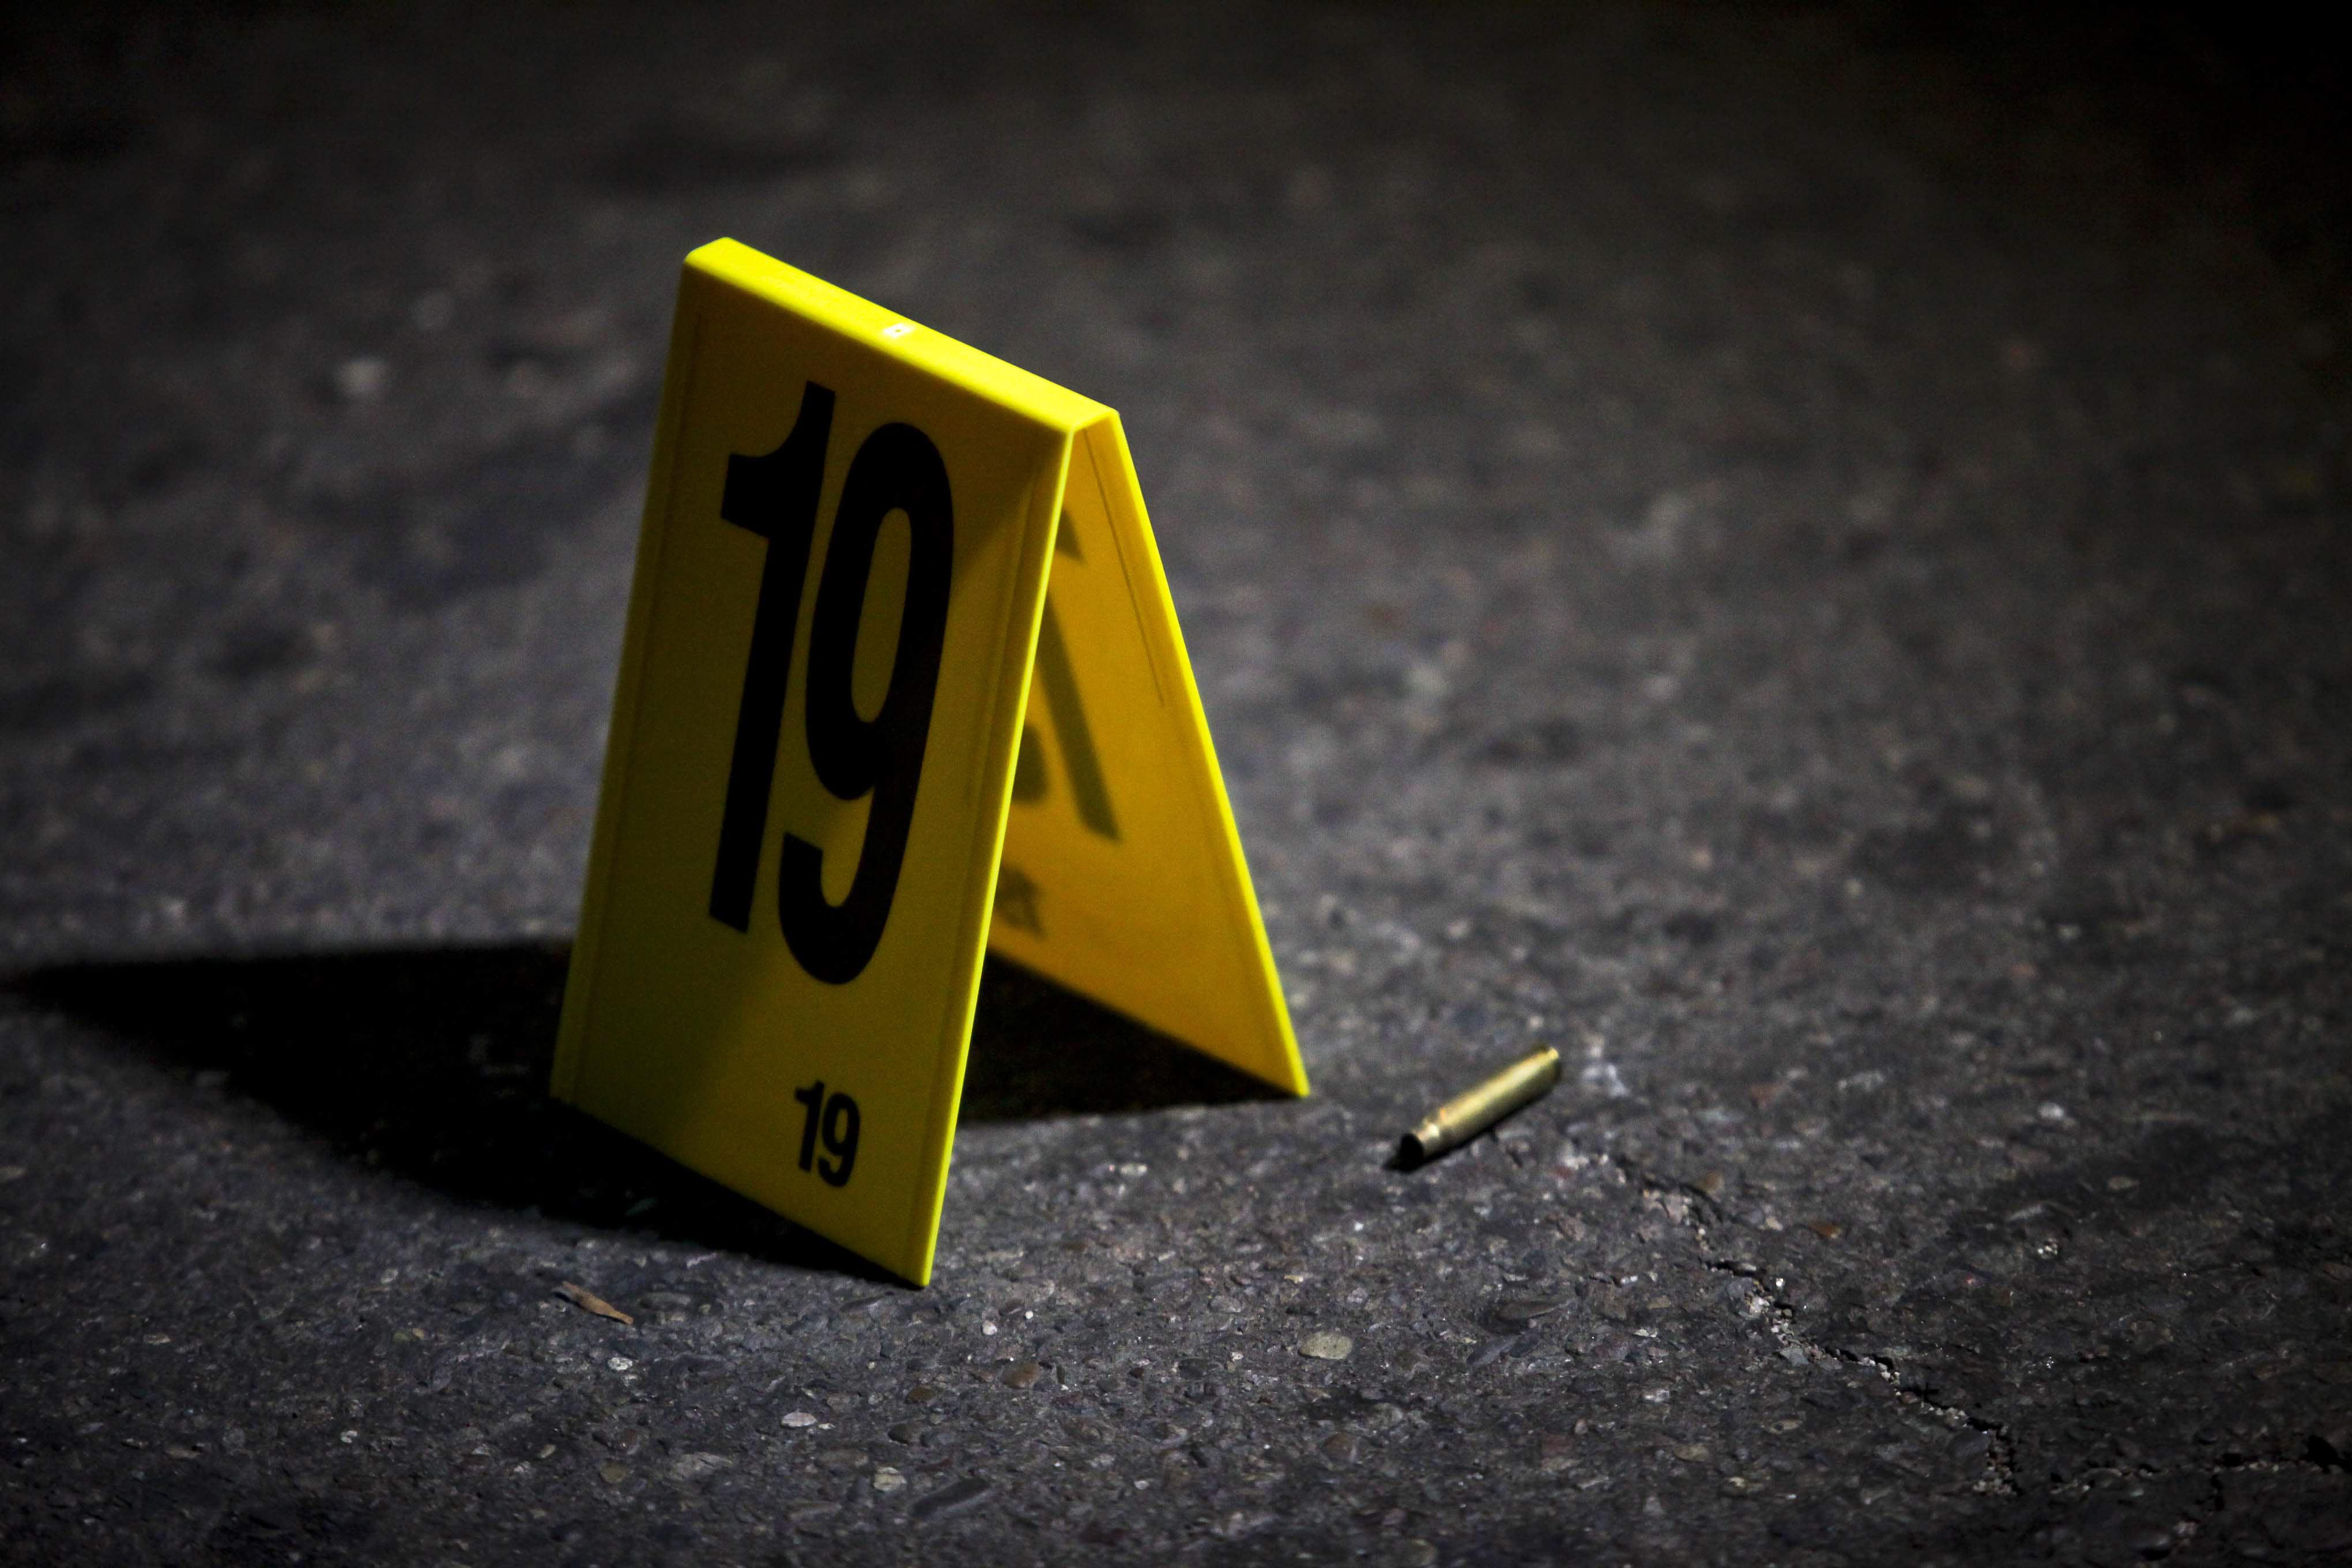 En lo que va corrido del año ha habido 214 homidicios en Cali